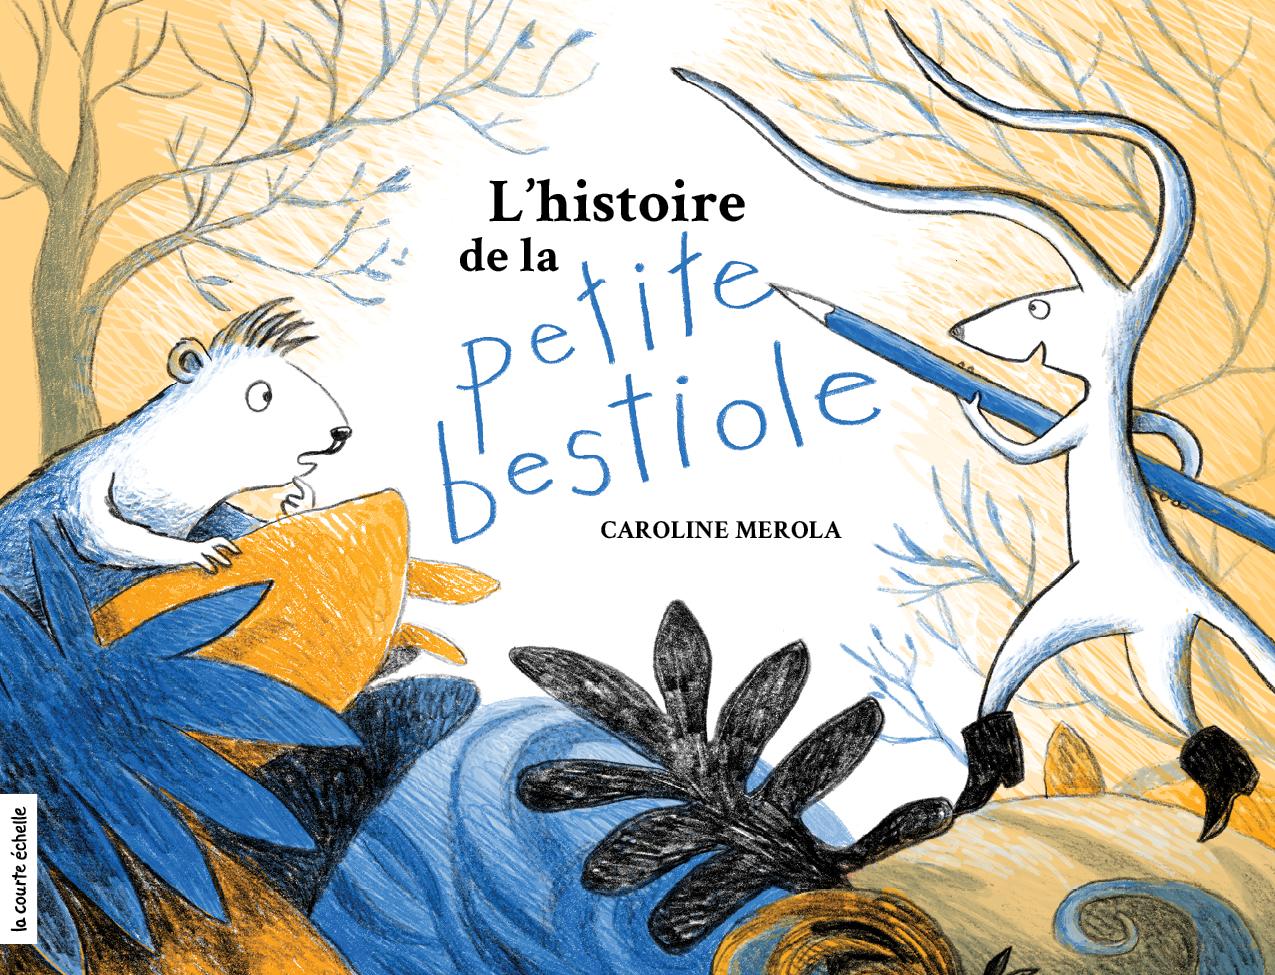 L'histoire de la petite bes...